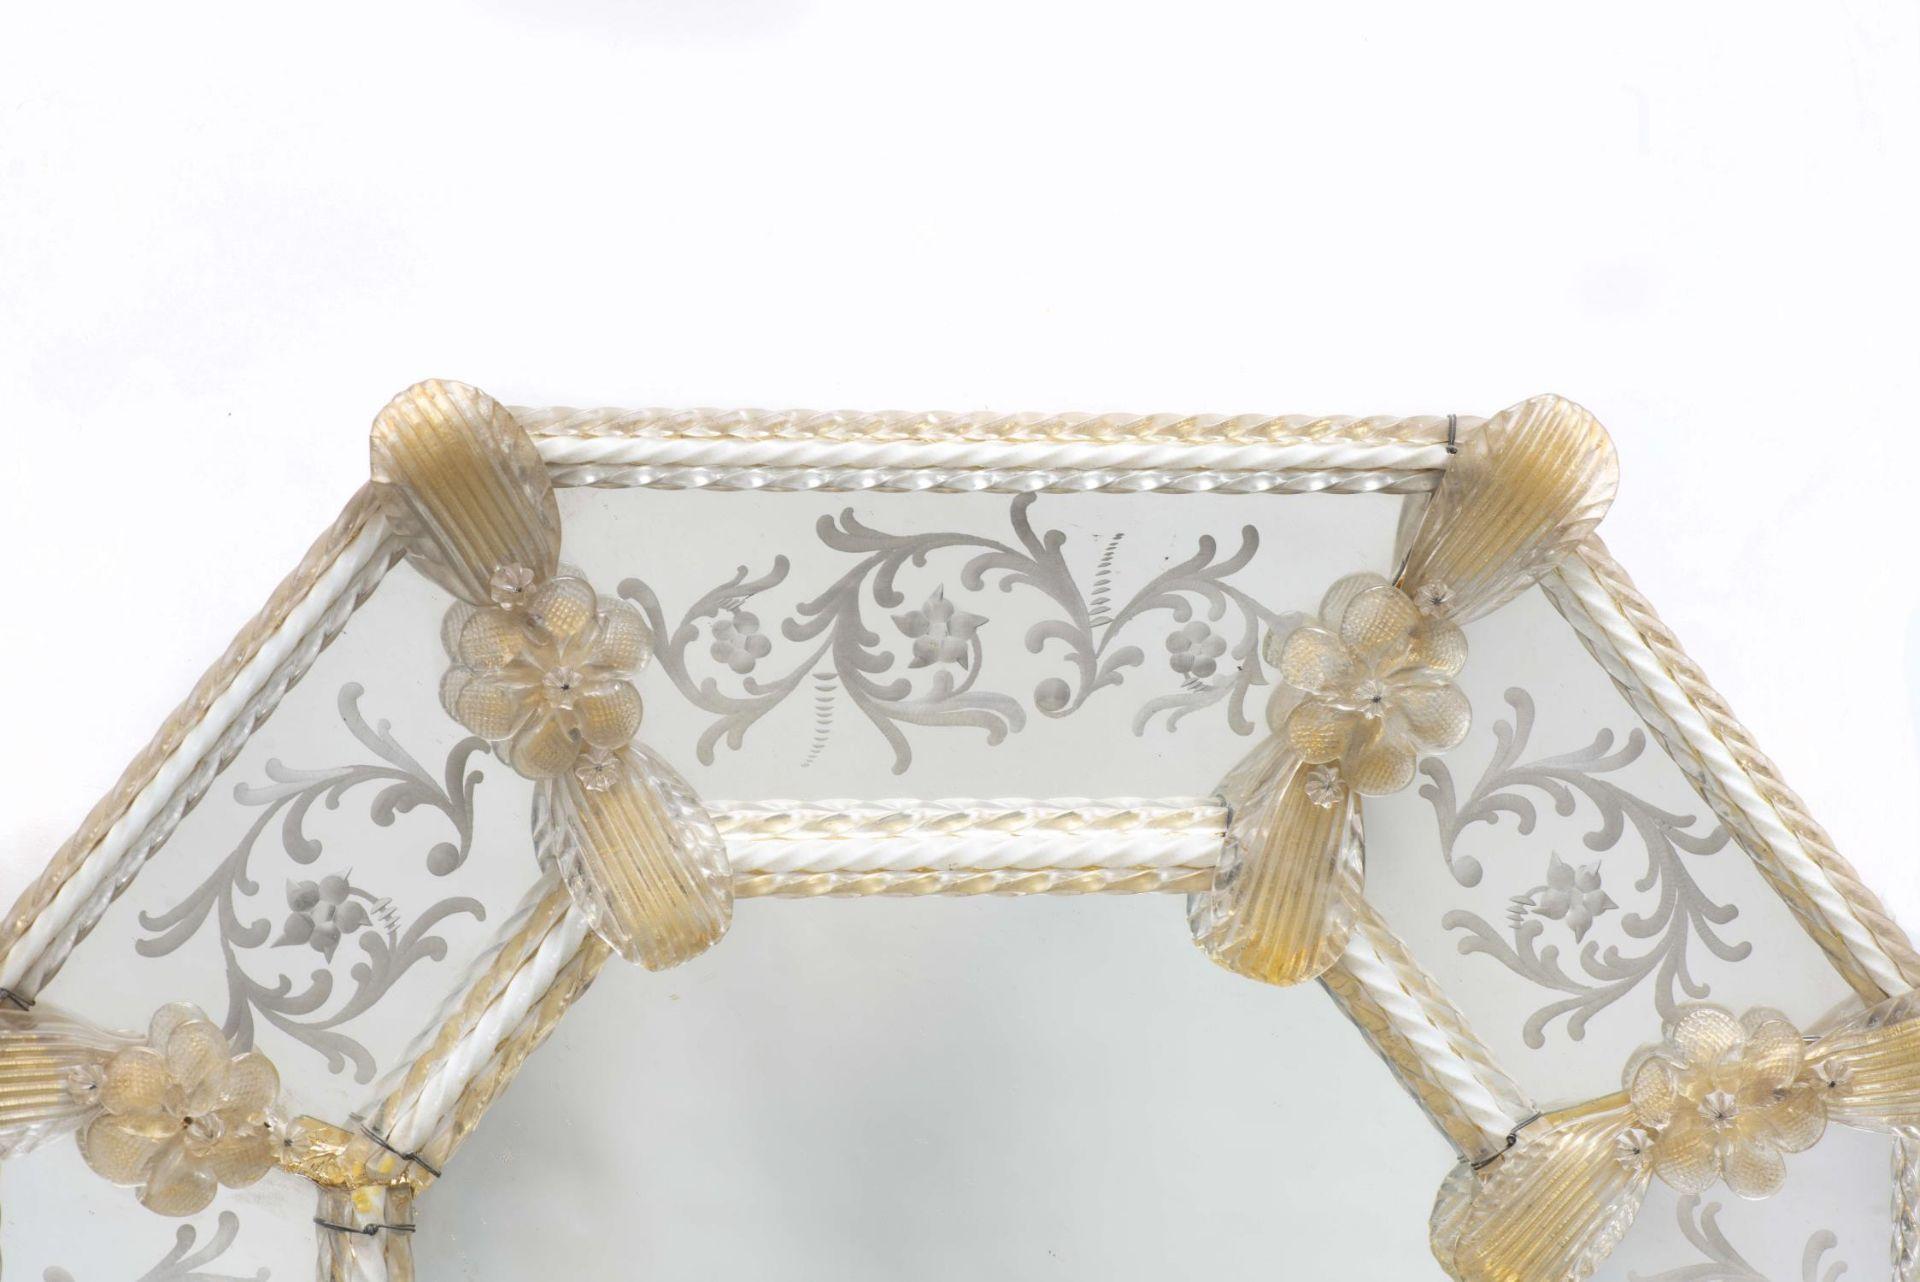 Miroir vénitien octogonal encadré de torsades et de fleurs en verre - Bild 2 aus 4